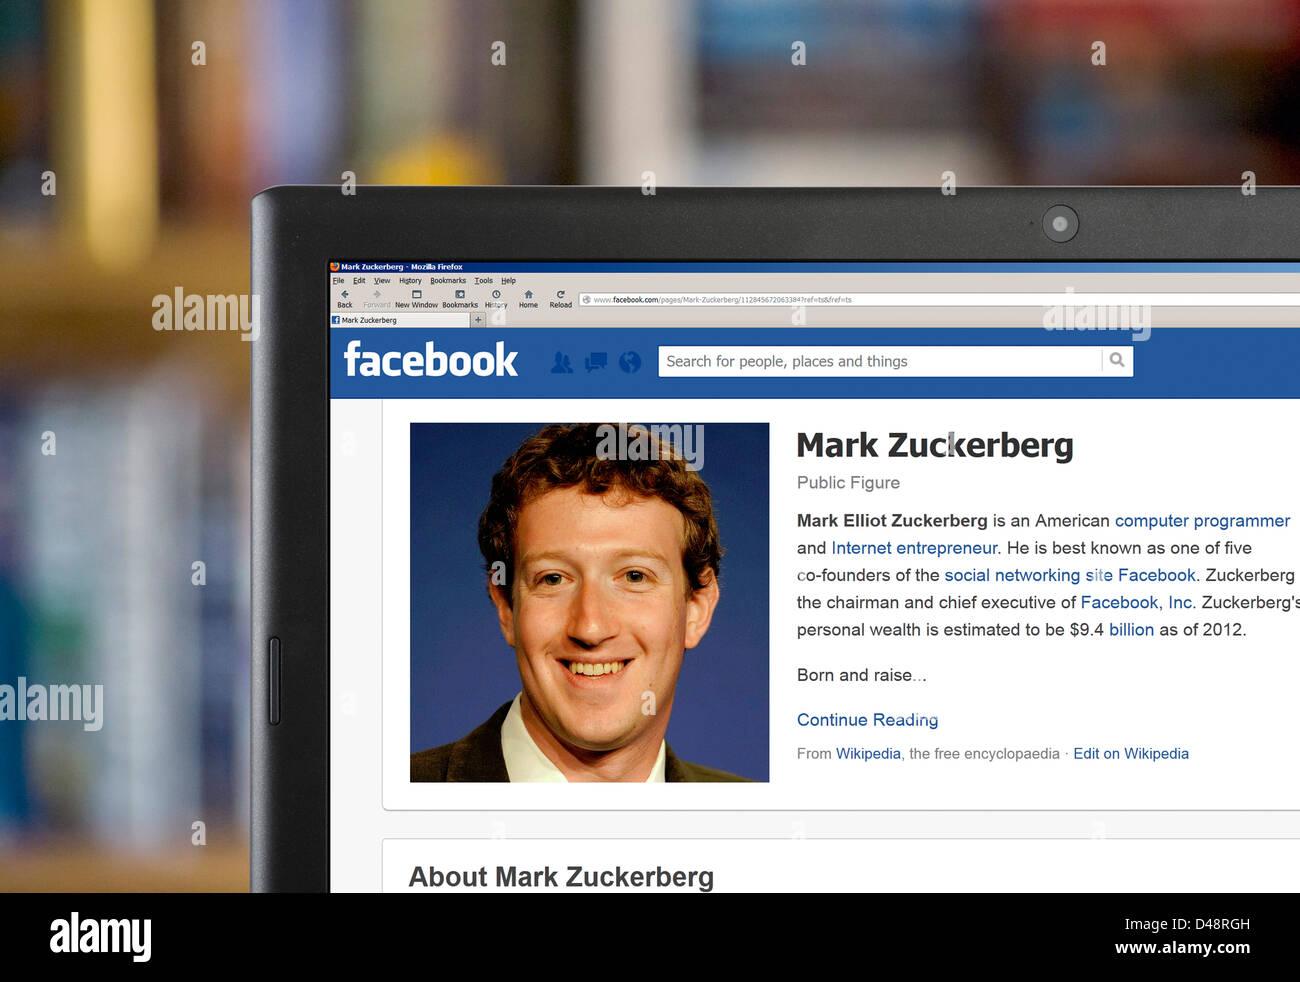 El perfil de Facebook de Mark Zuckerberg, uno de los fundadores de la empresa, visualizar en un ordenador portátil Imagen De Stock